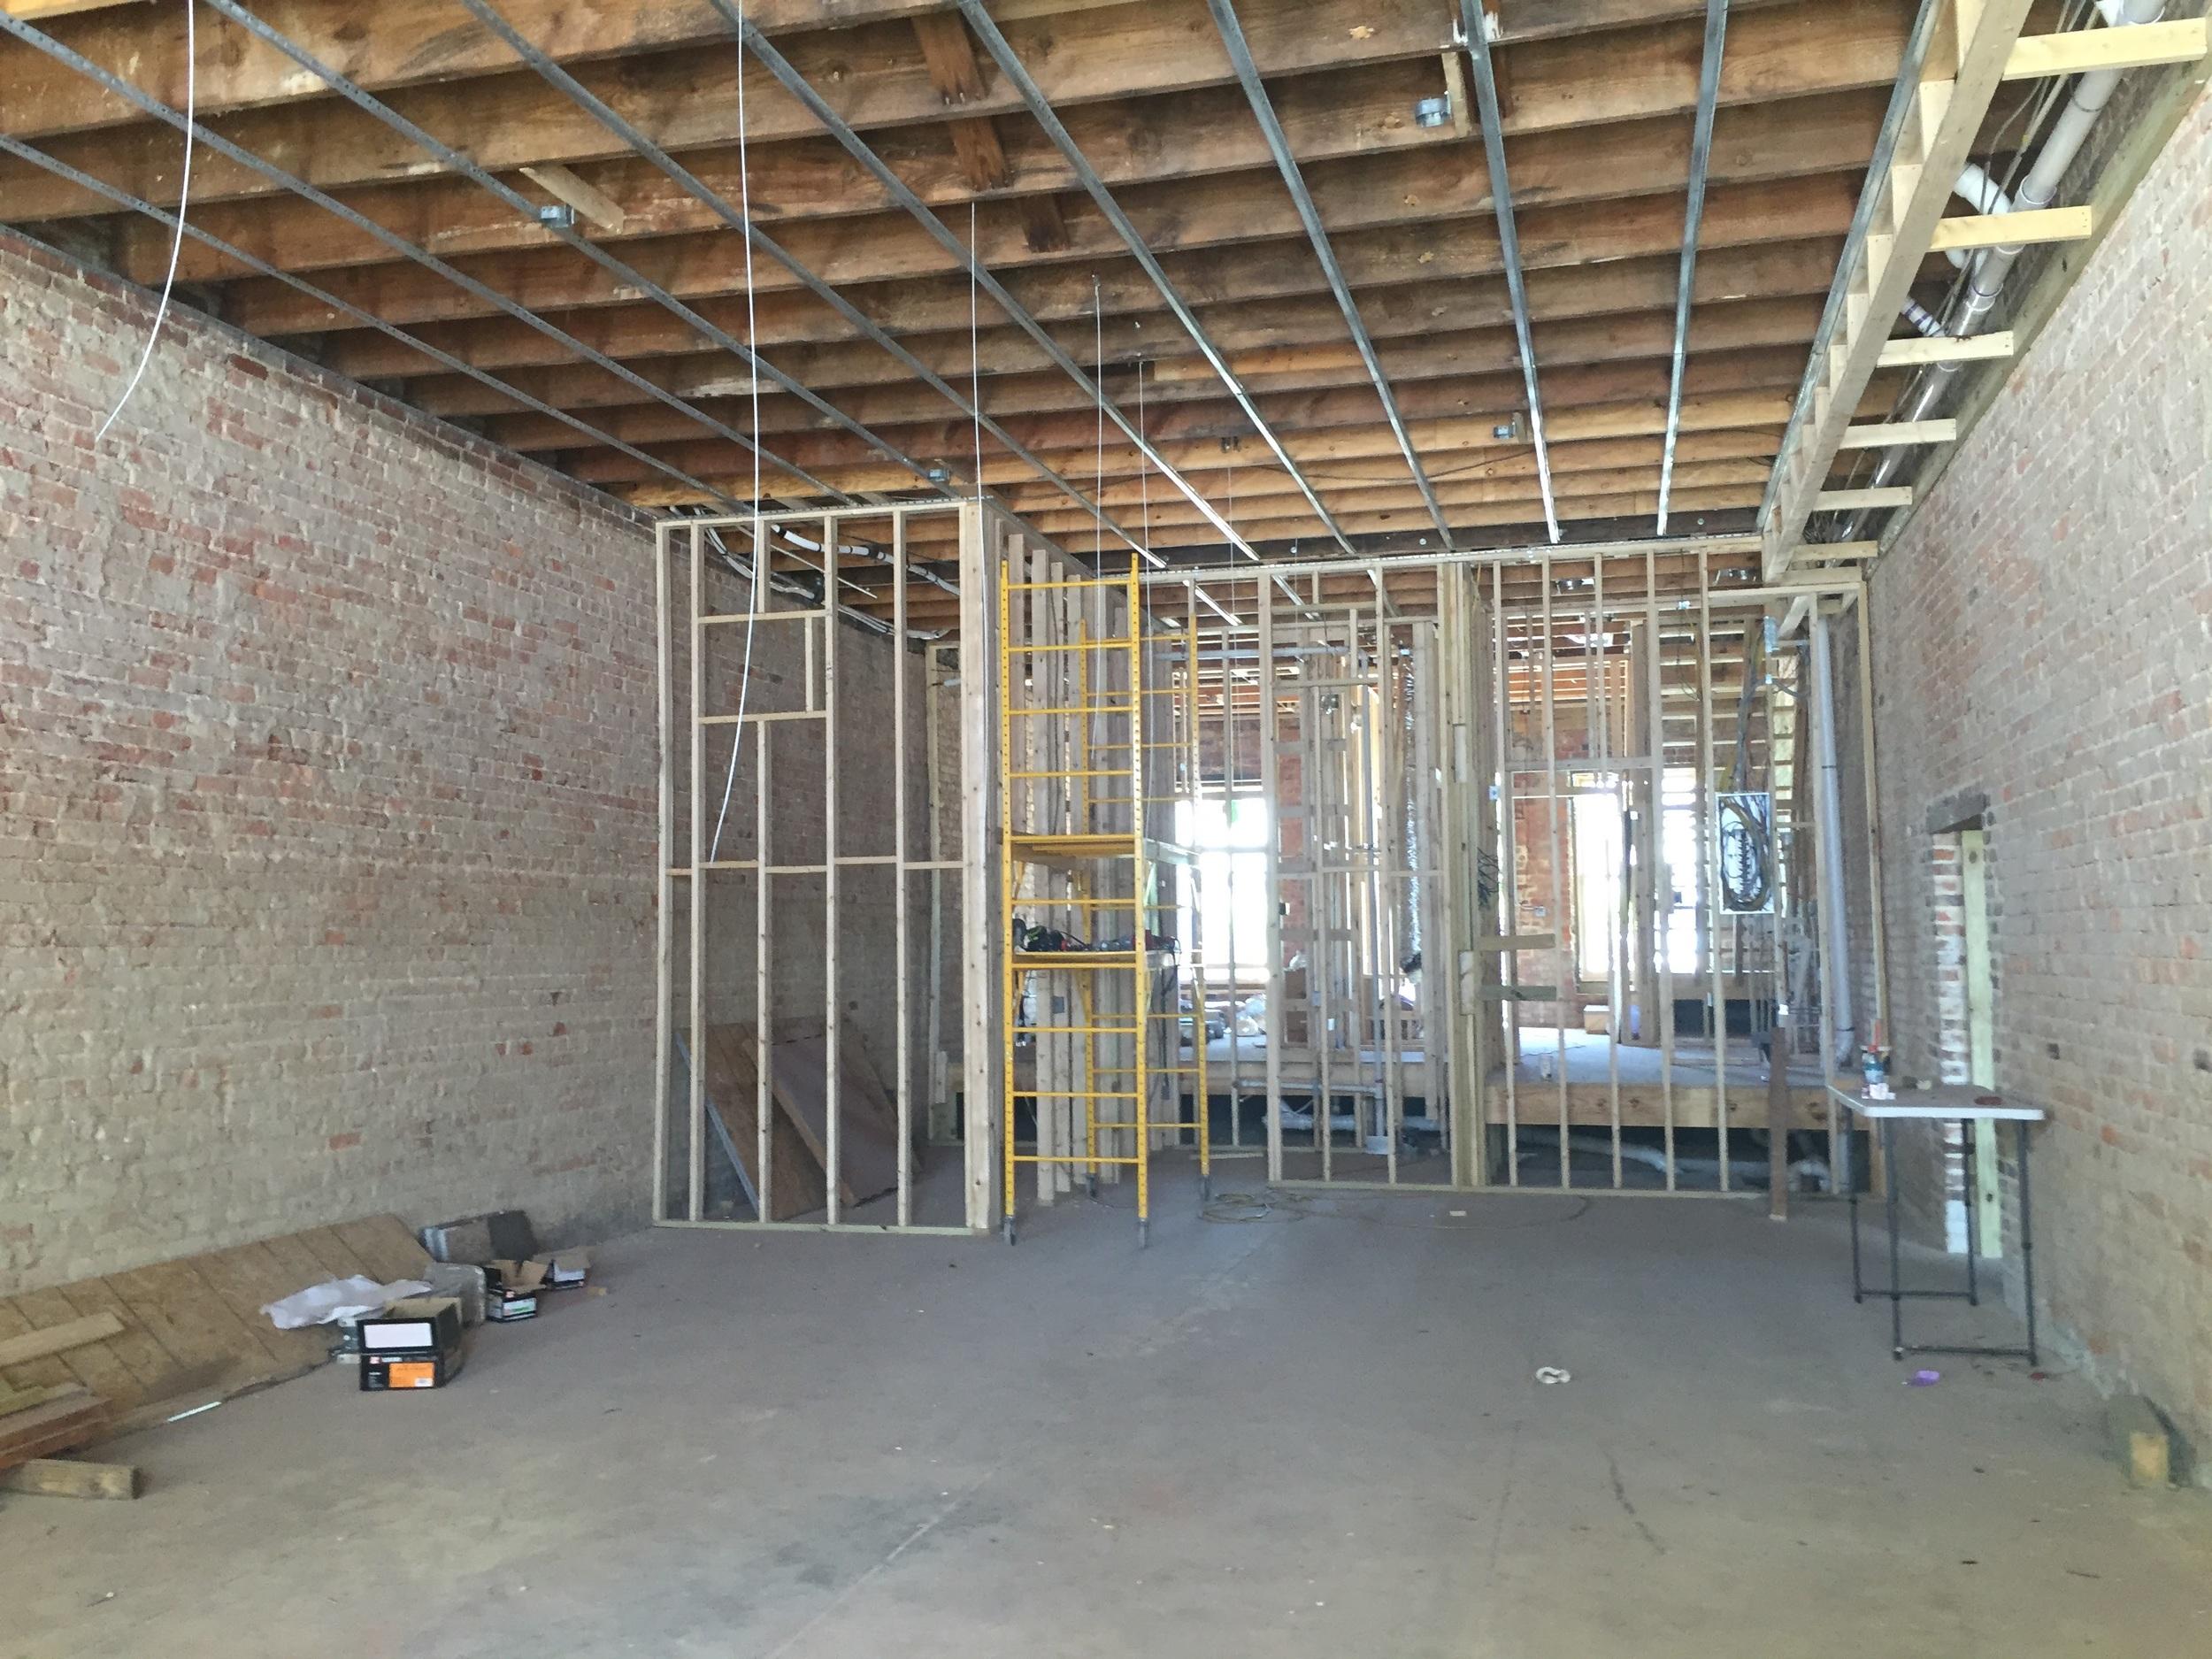 First floor retail space underway.